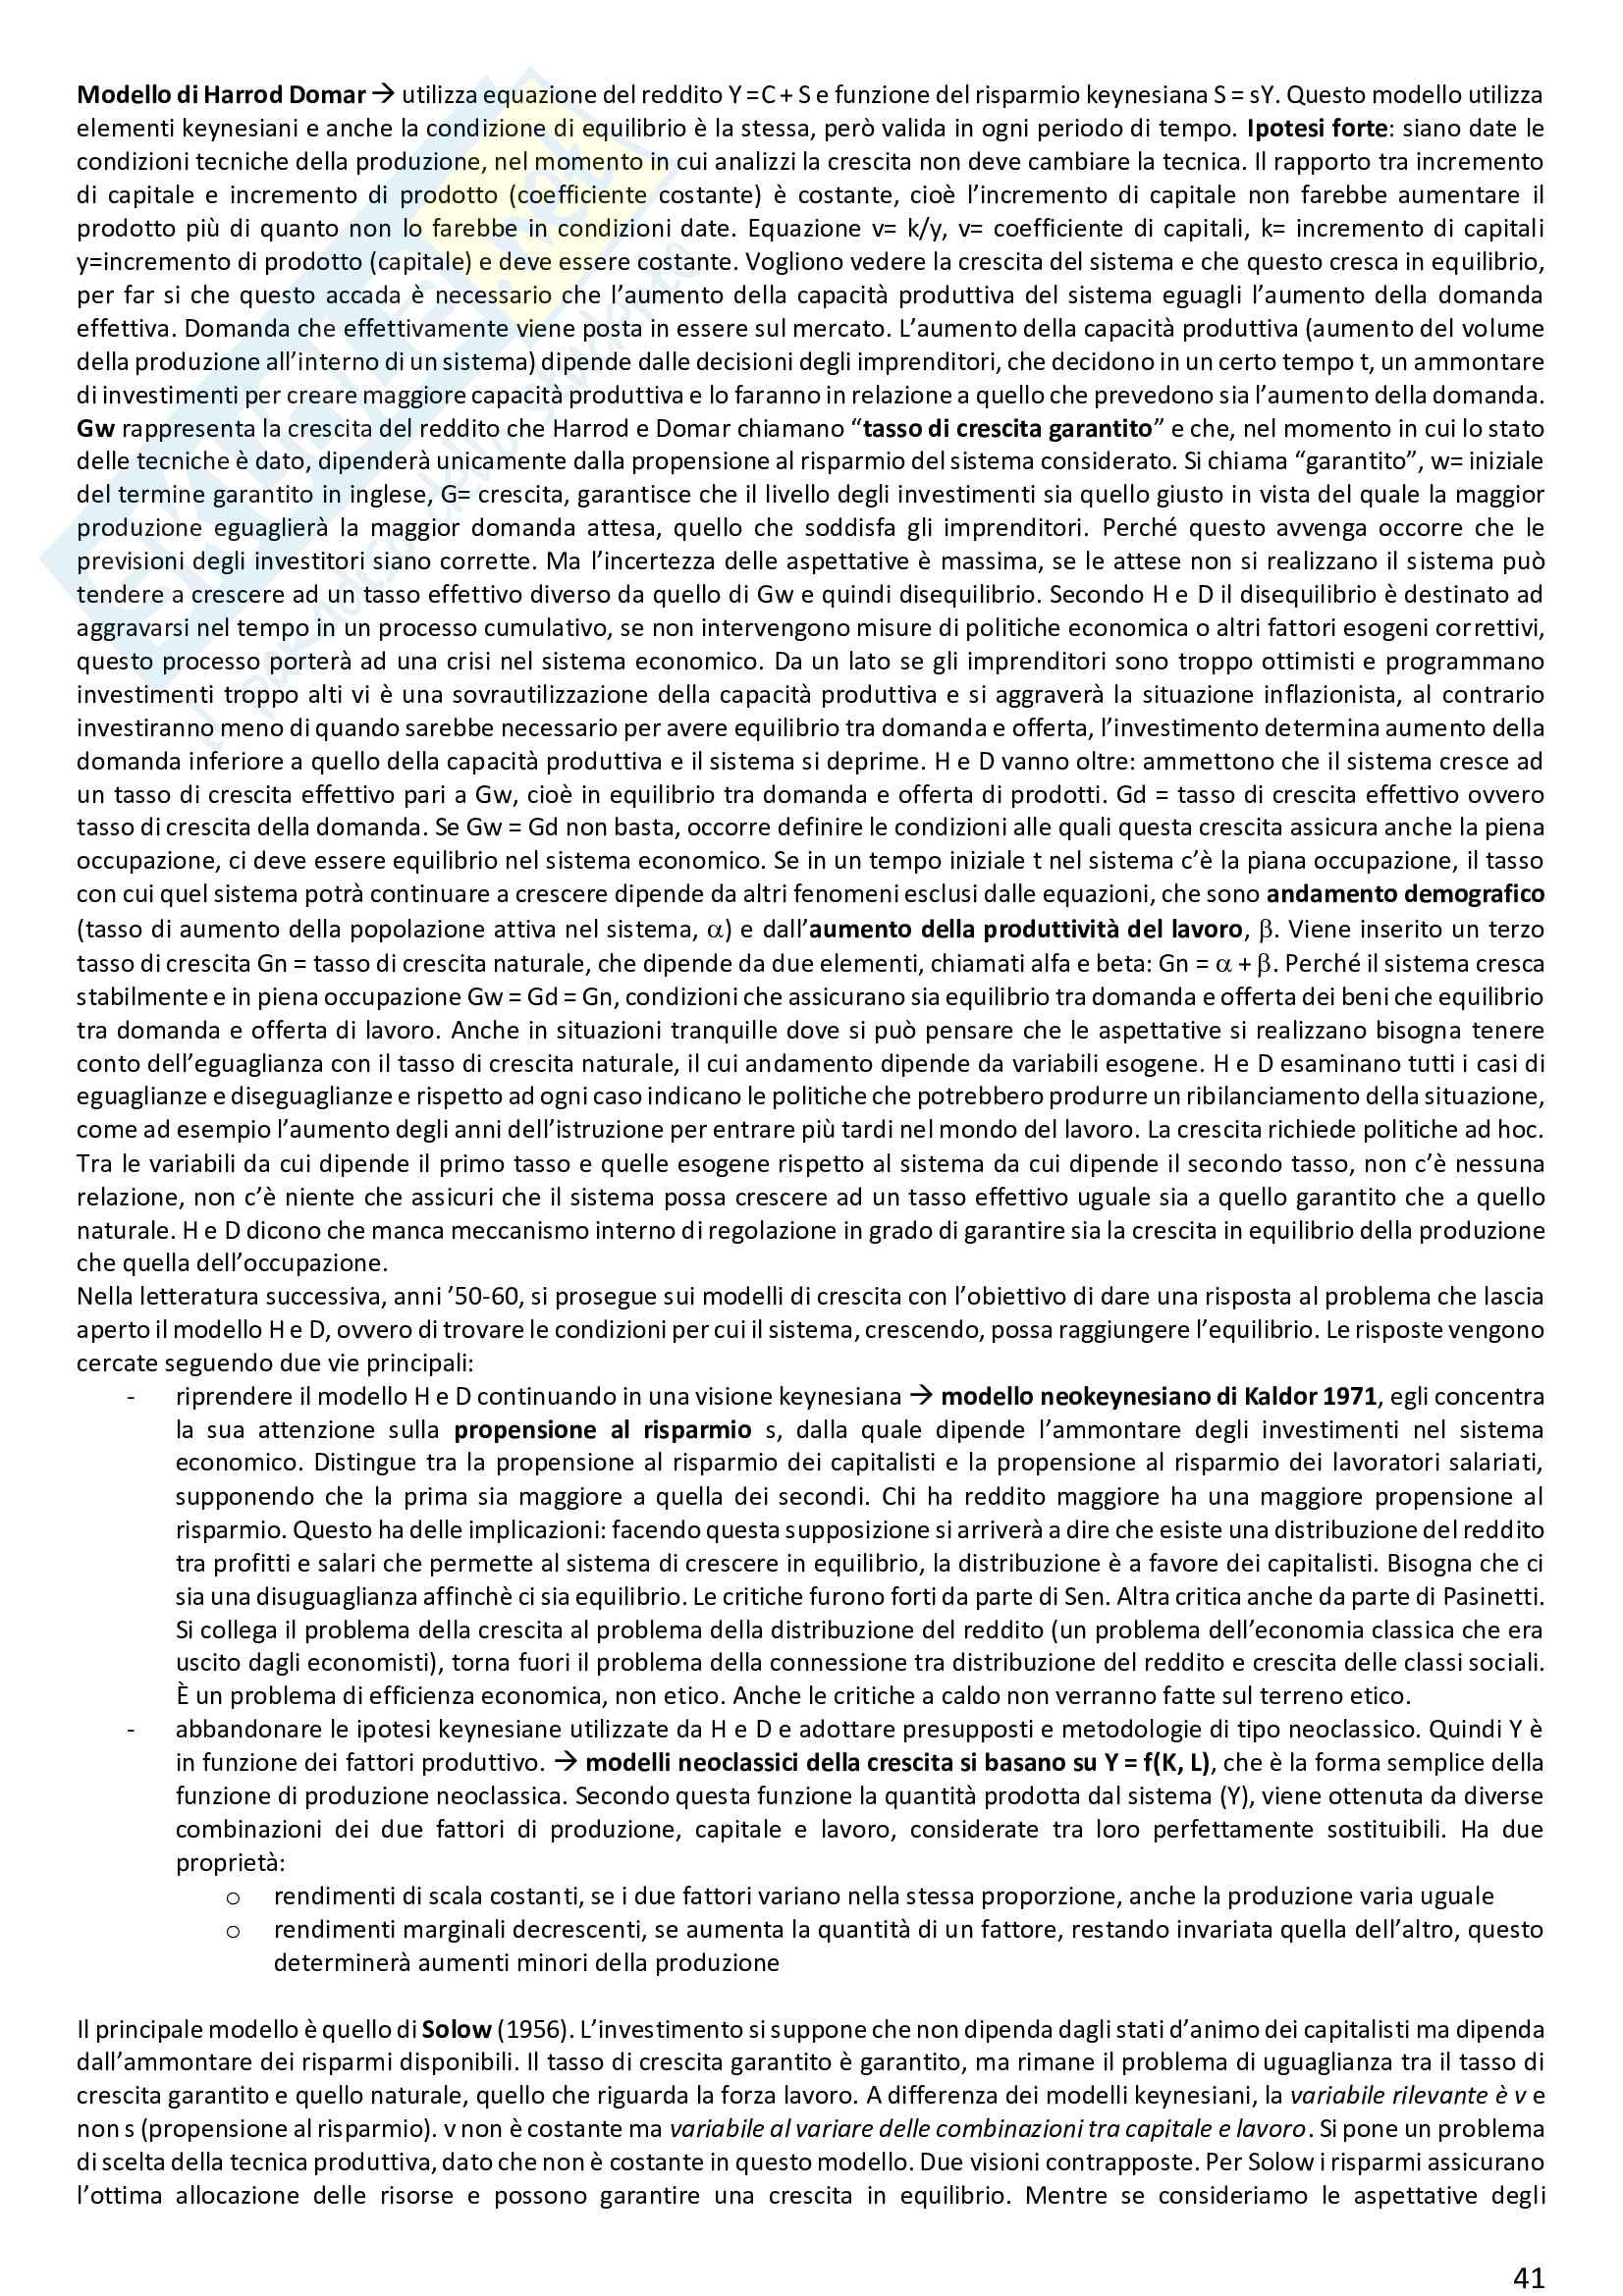 Appunti Economia dello sviluppo: profili storici Pag. 41